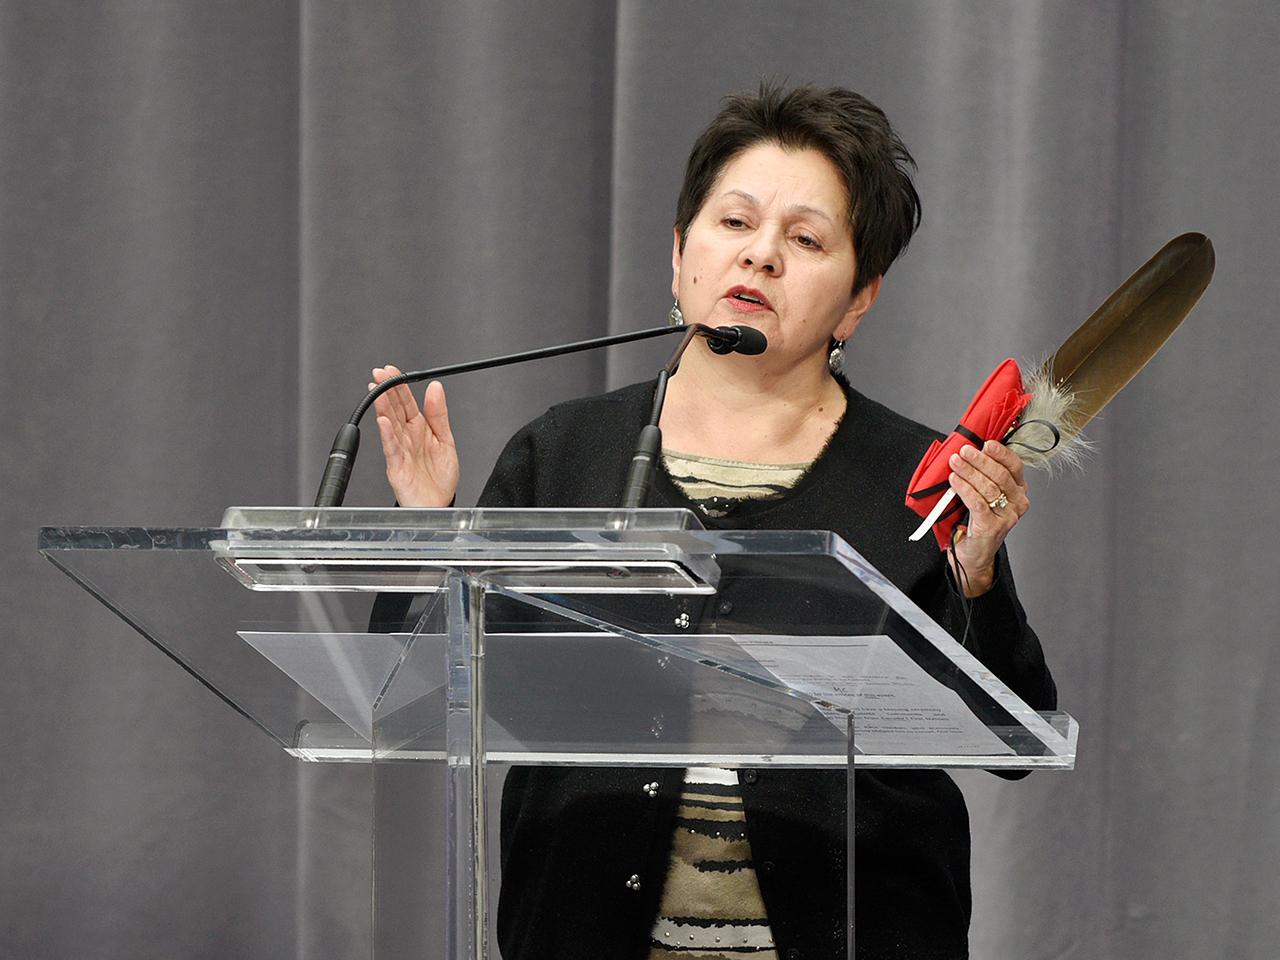 une femme parlant avec une plume à la main